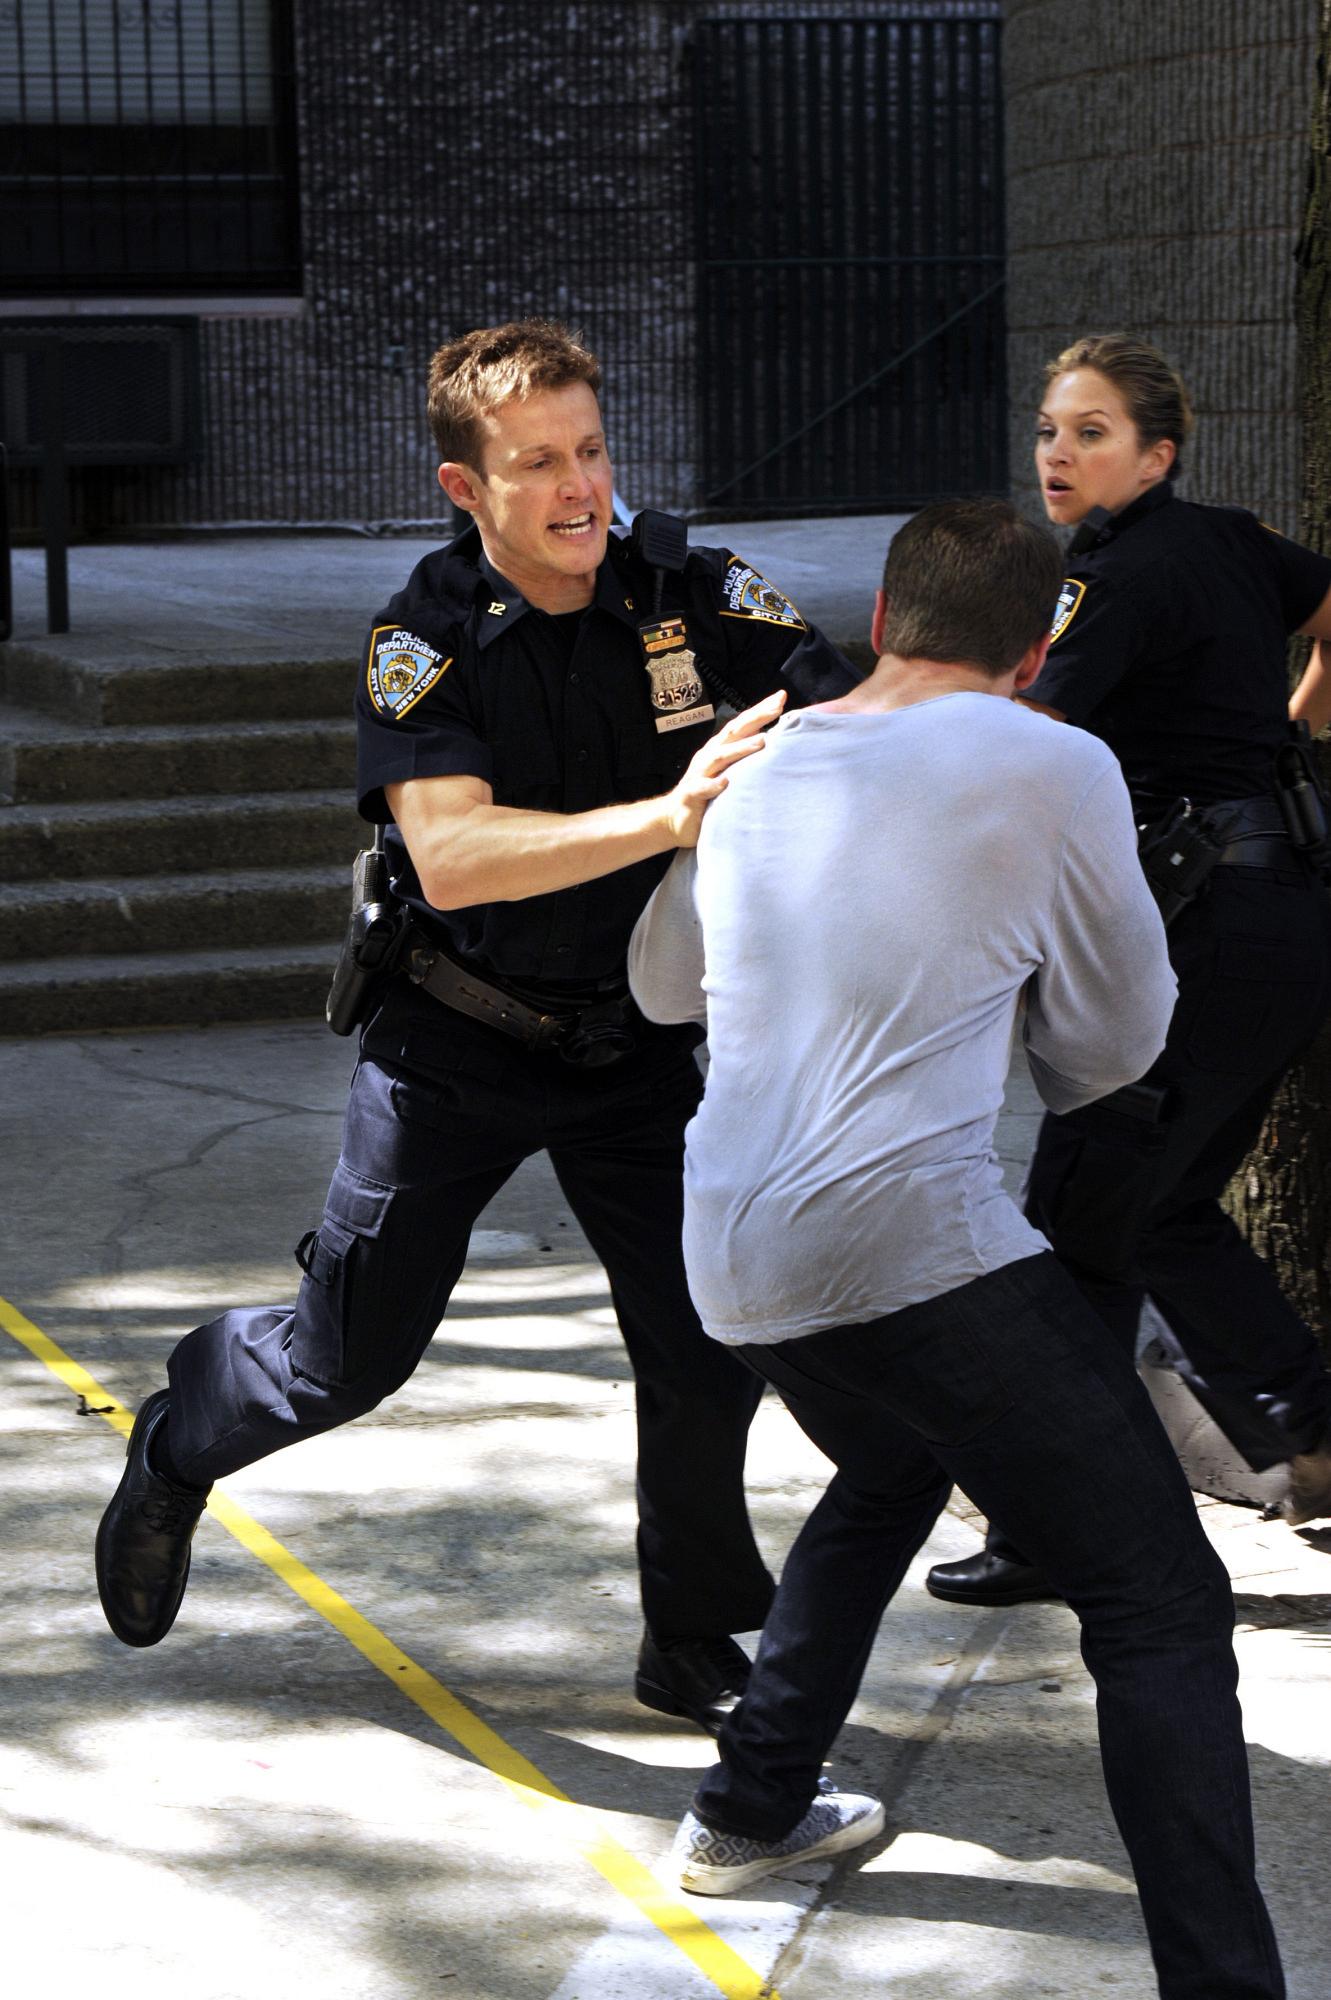 Blue Bloods Season 5 Premiere - CBS.com